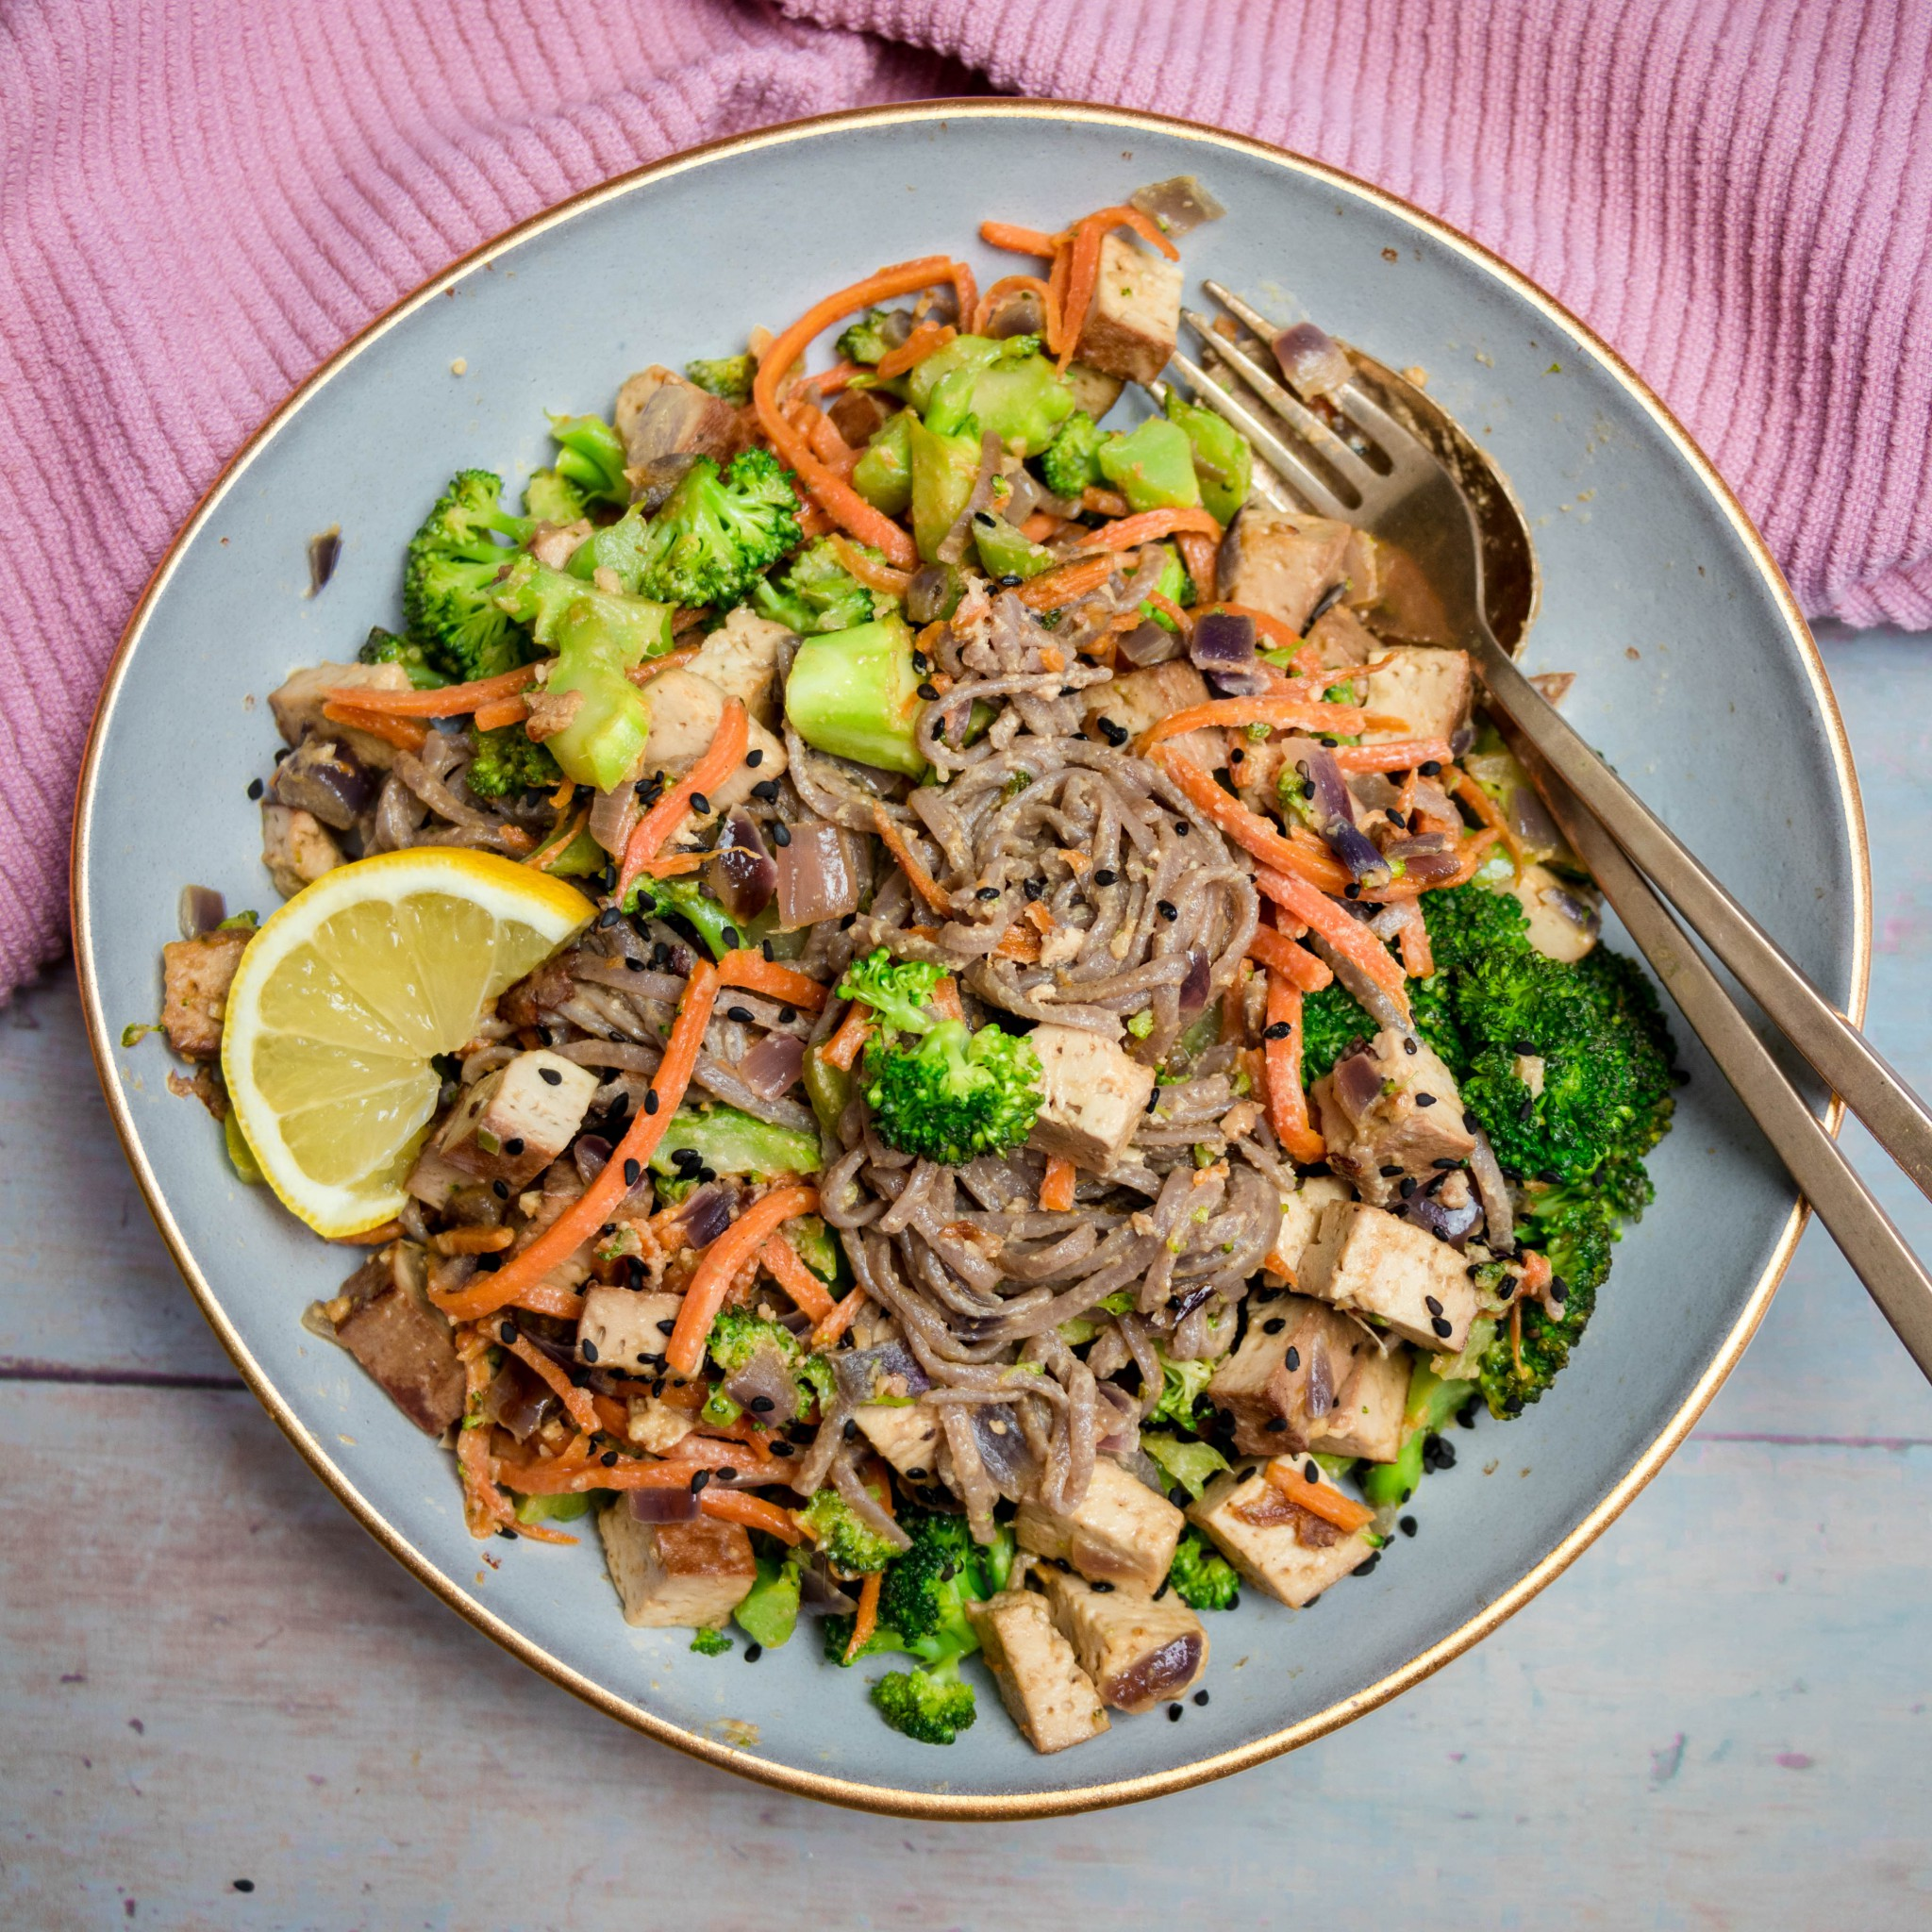 Tahini Buckwheat Noodles